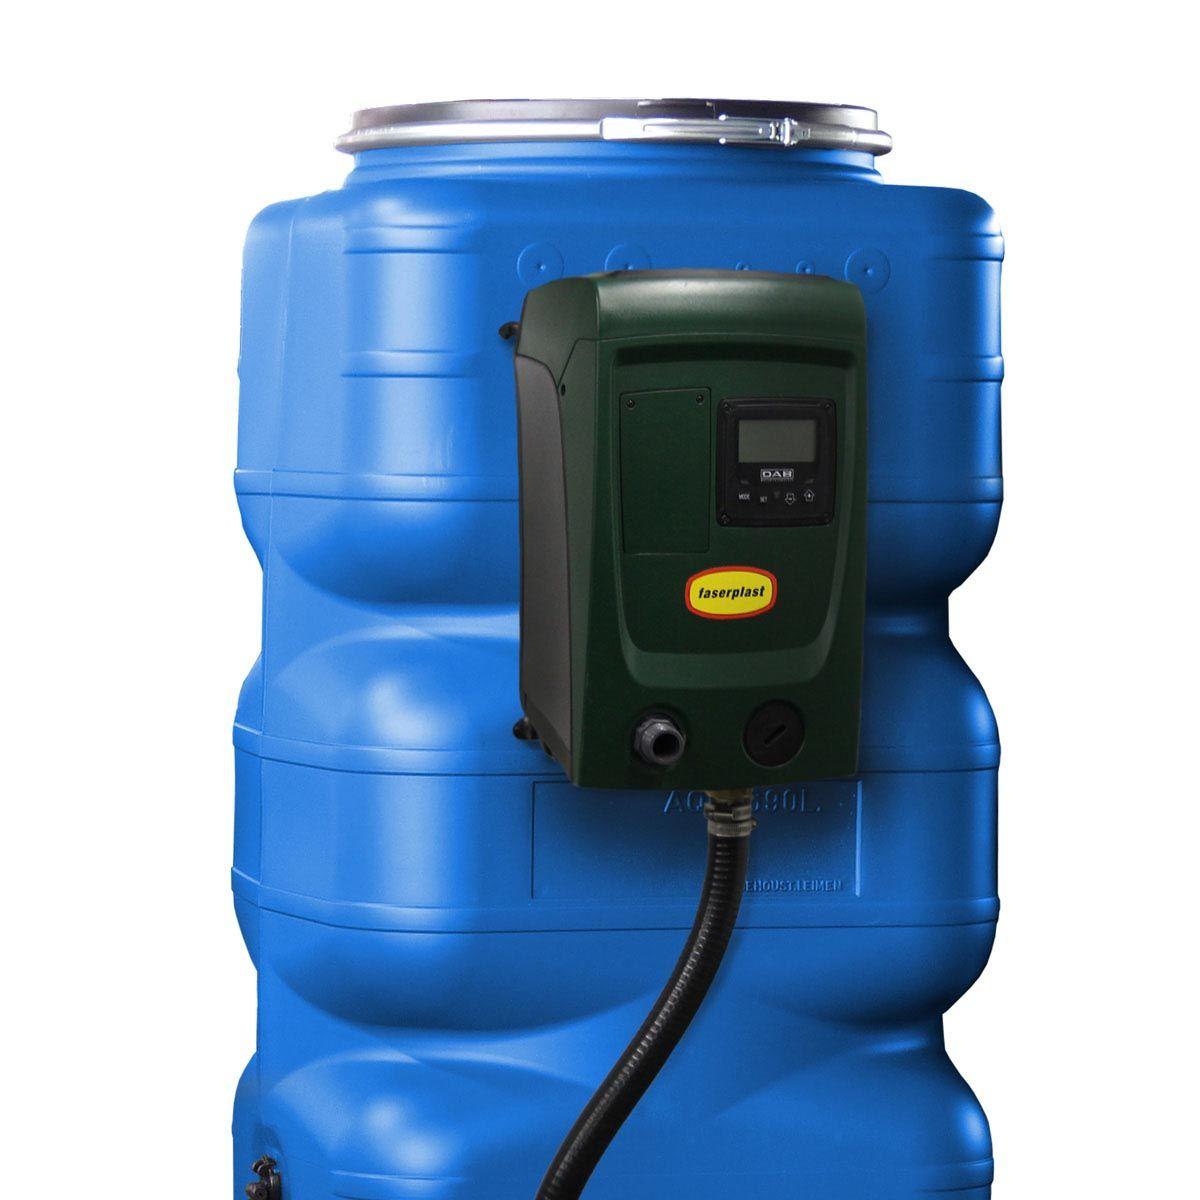 Hauswasseranlage HaWa 690, mit aufgebauter Pumpe e.sybox mini 3, 690 l, 1000 x 720 x 1695 mm, 41 kg